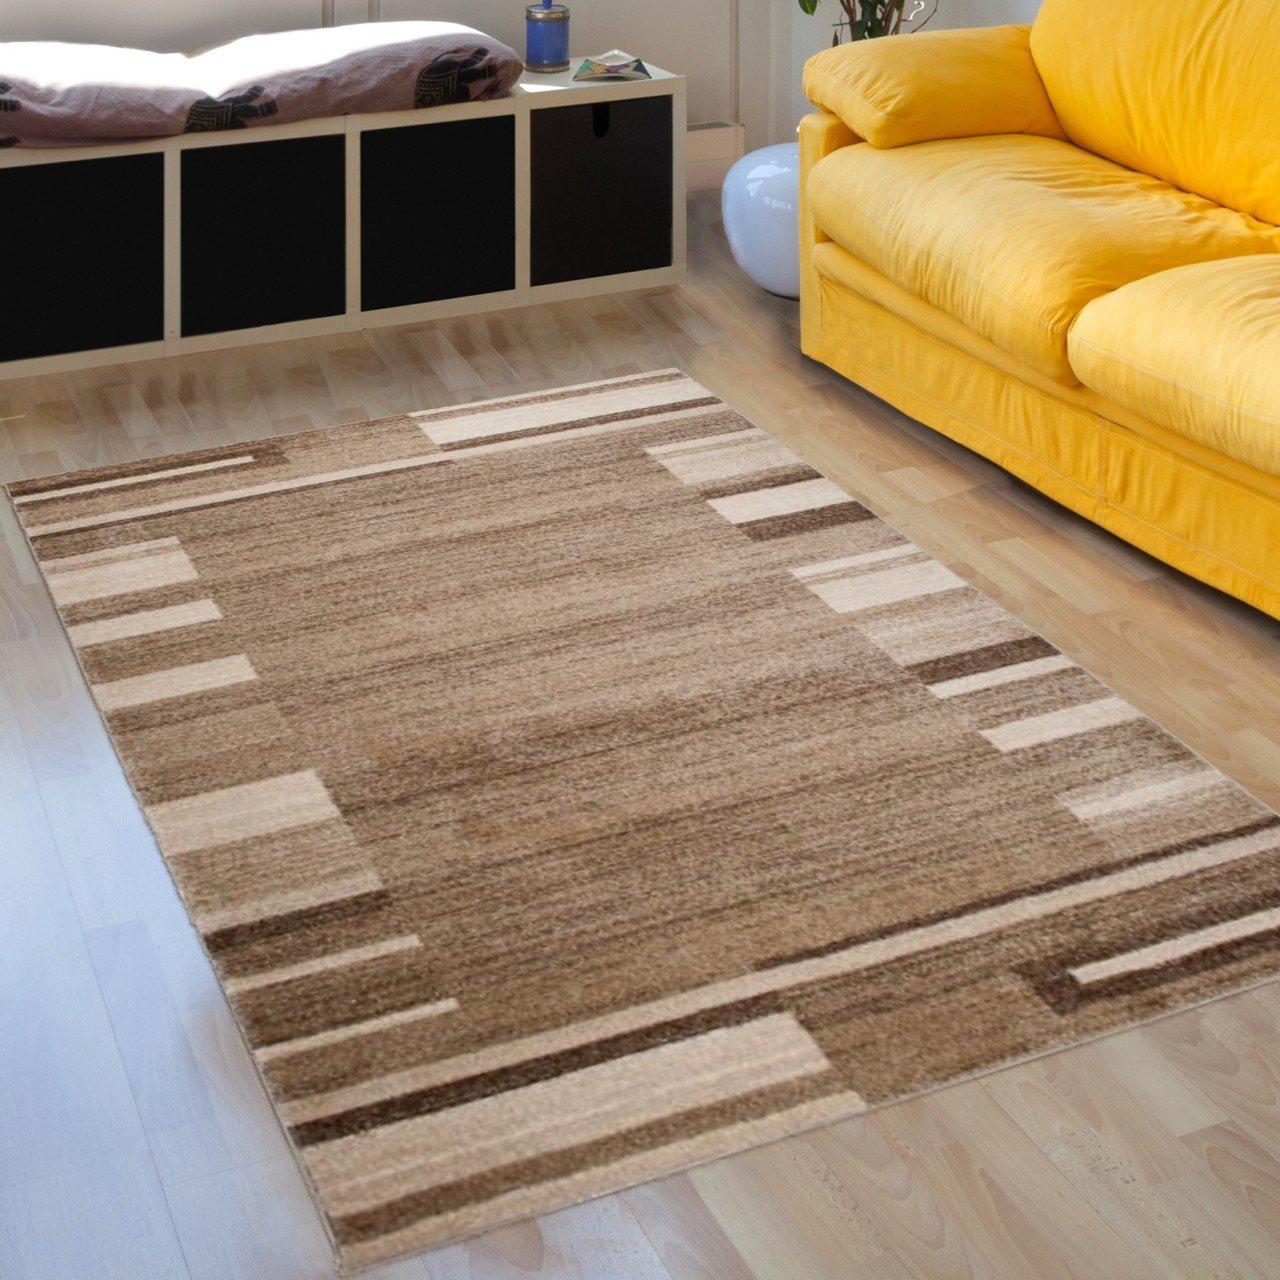 Designer Teppich Modern Wohnzimmer Muster - Muster Wohnzimmer ...